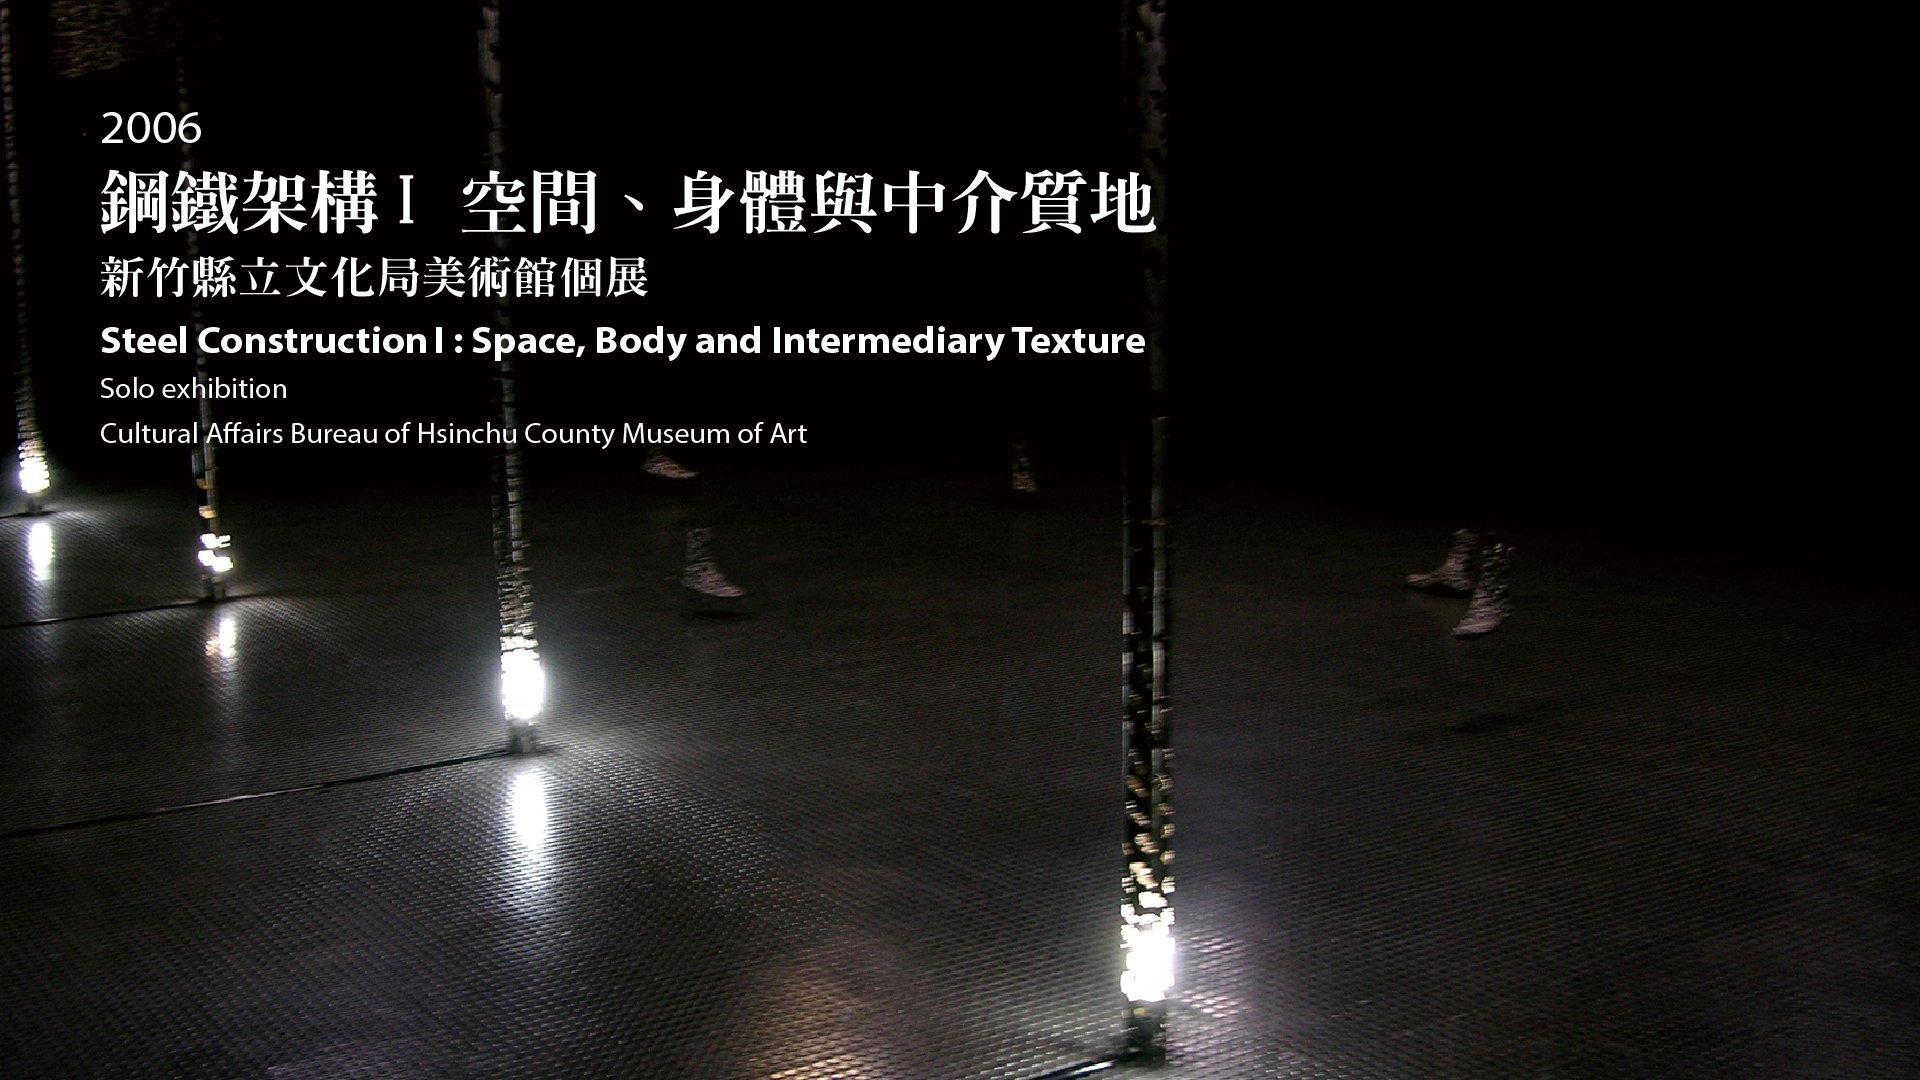 2006 鋼鐵架構I 空間、身體與中介質地 -